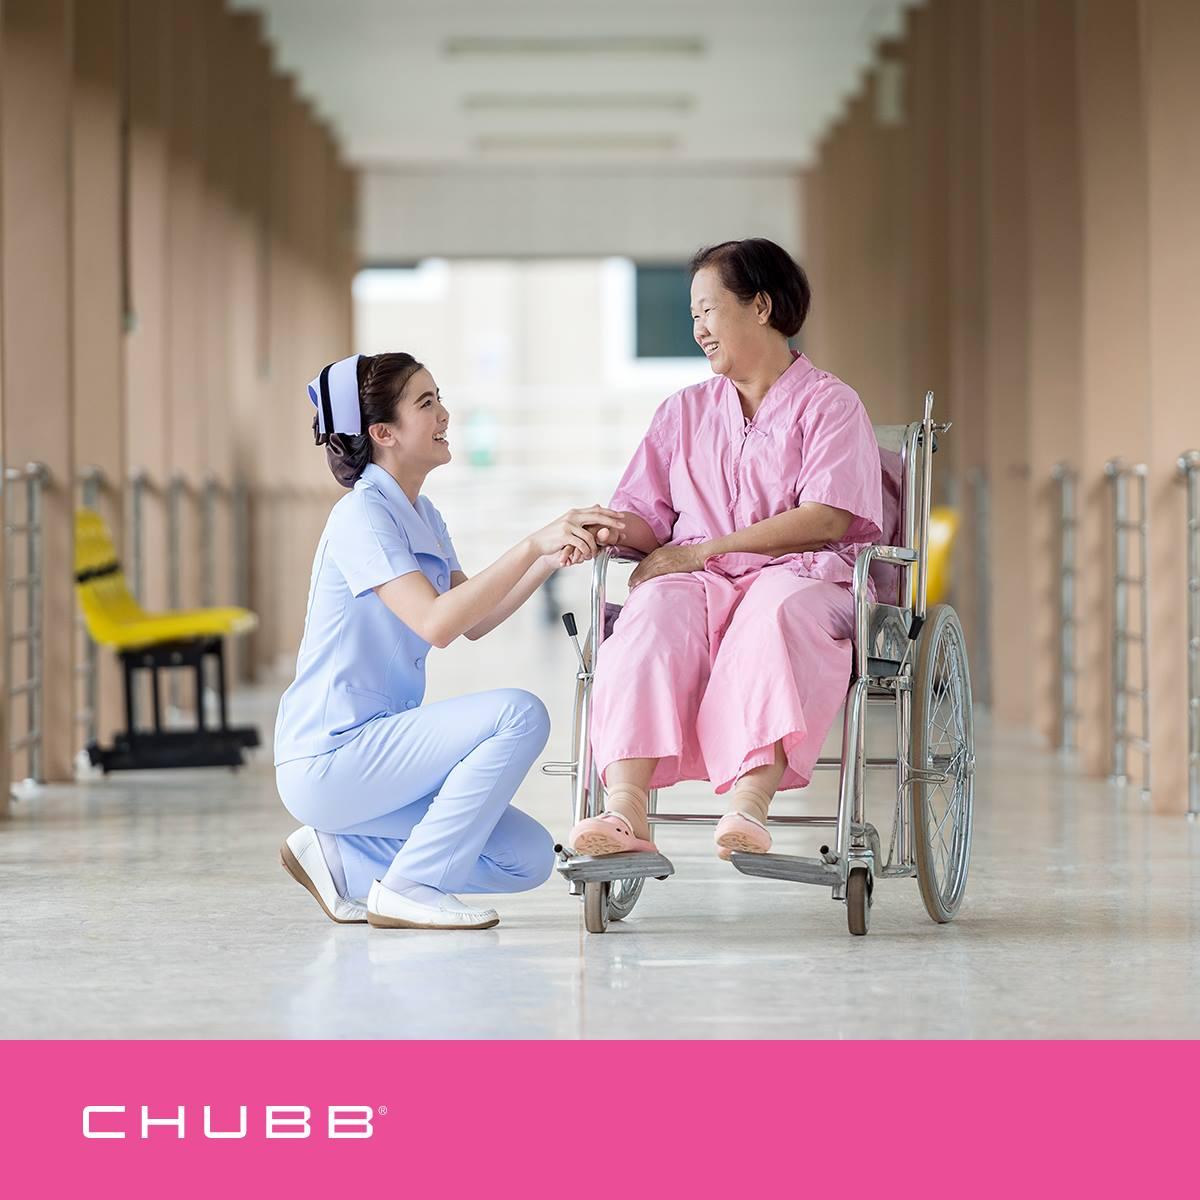 bảo hiểm sức khỏe Chubb Life - Gói bảo hiểm hỗ trợ viện phí